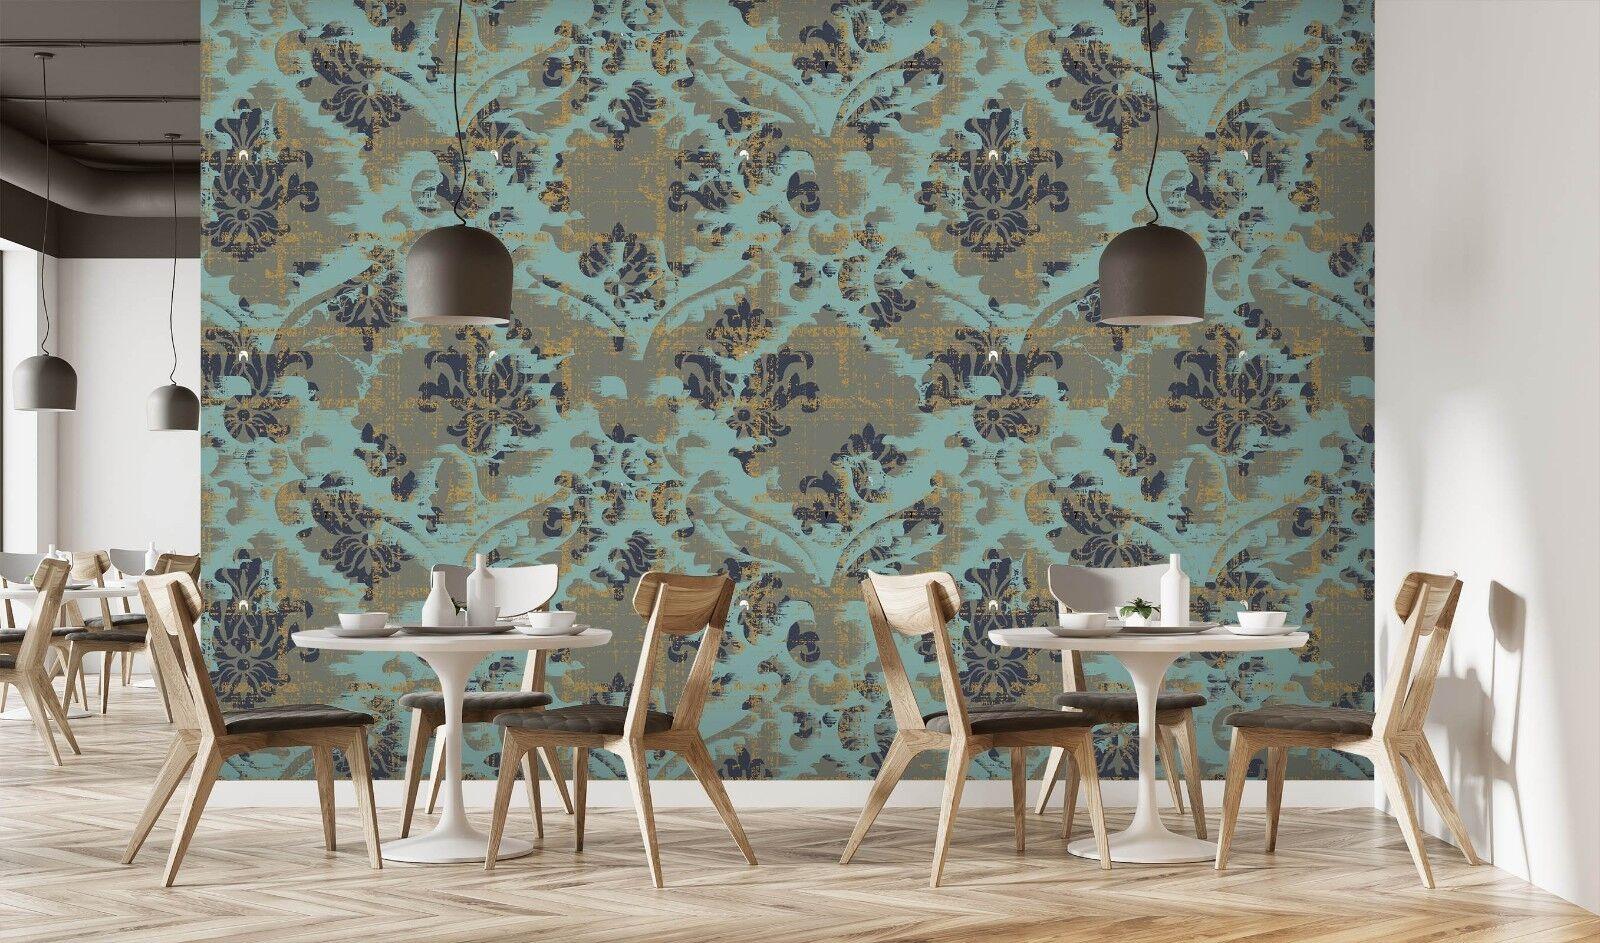 3D Grün Flower 547 Texture Tiles Marble Wall Paper Decal Wallpaper Mural